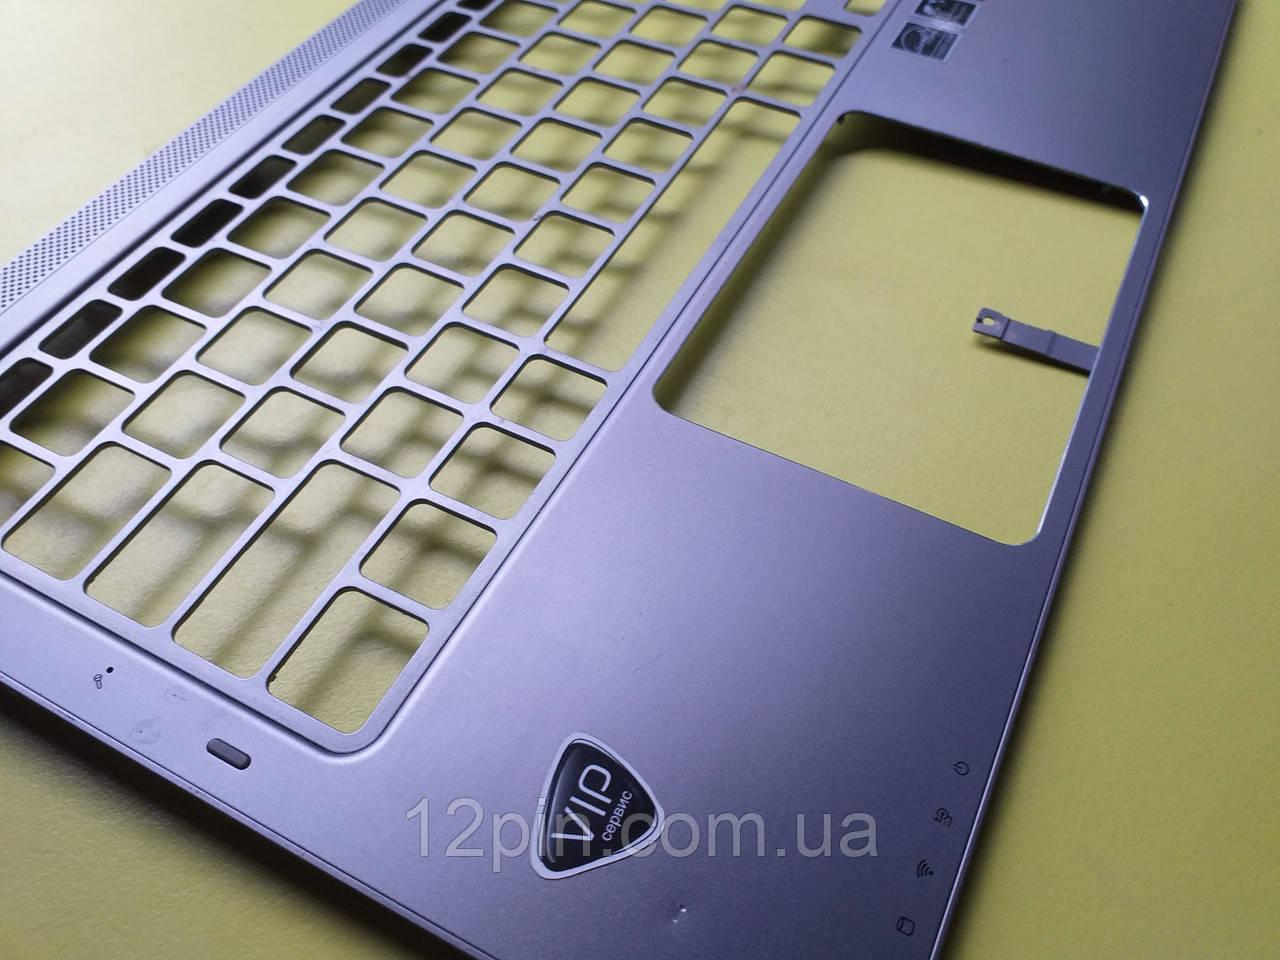 Топкейс Samsung 530u б\у оригинал